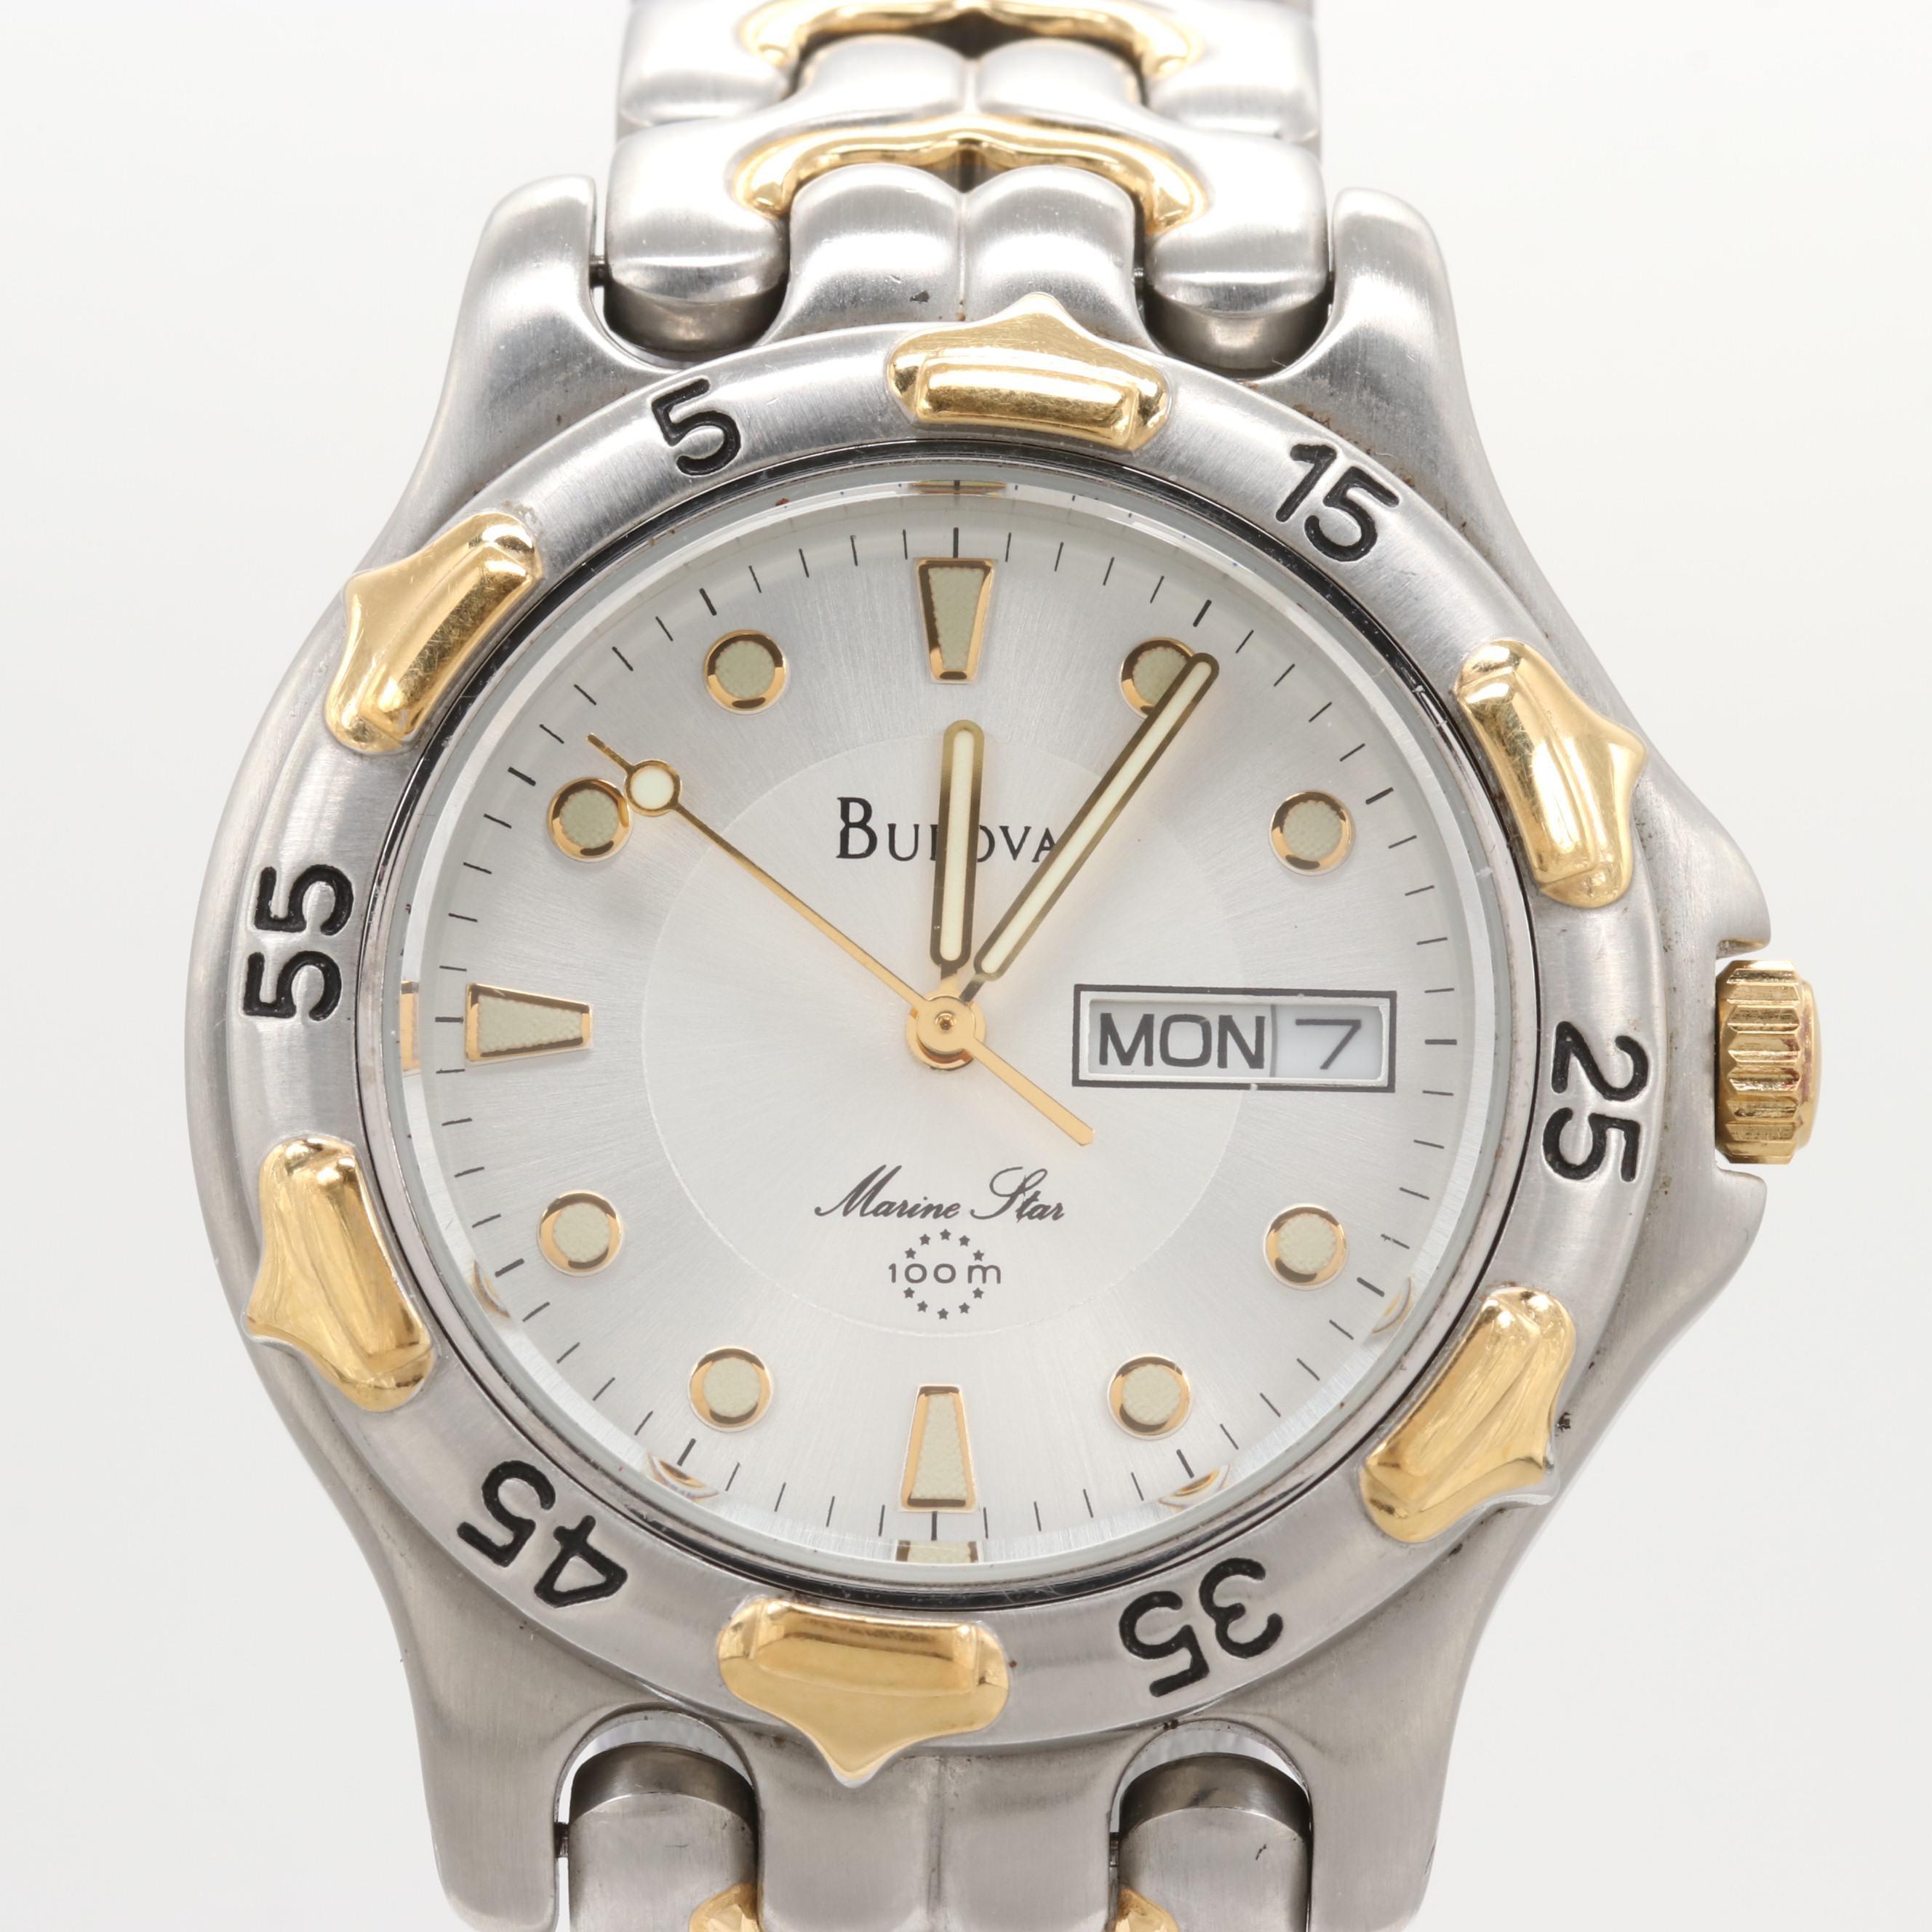 Bulova Marine Star Two-Tone Day-Date Quartz Wristwatch